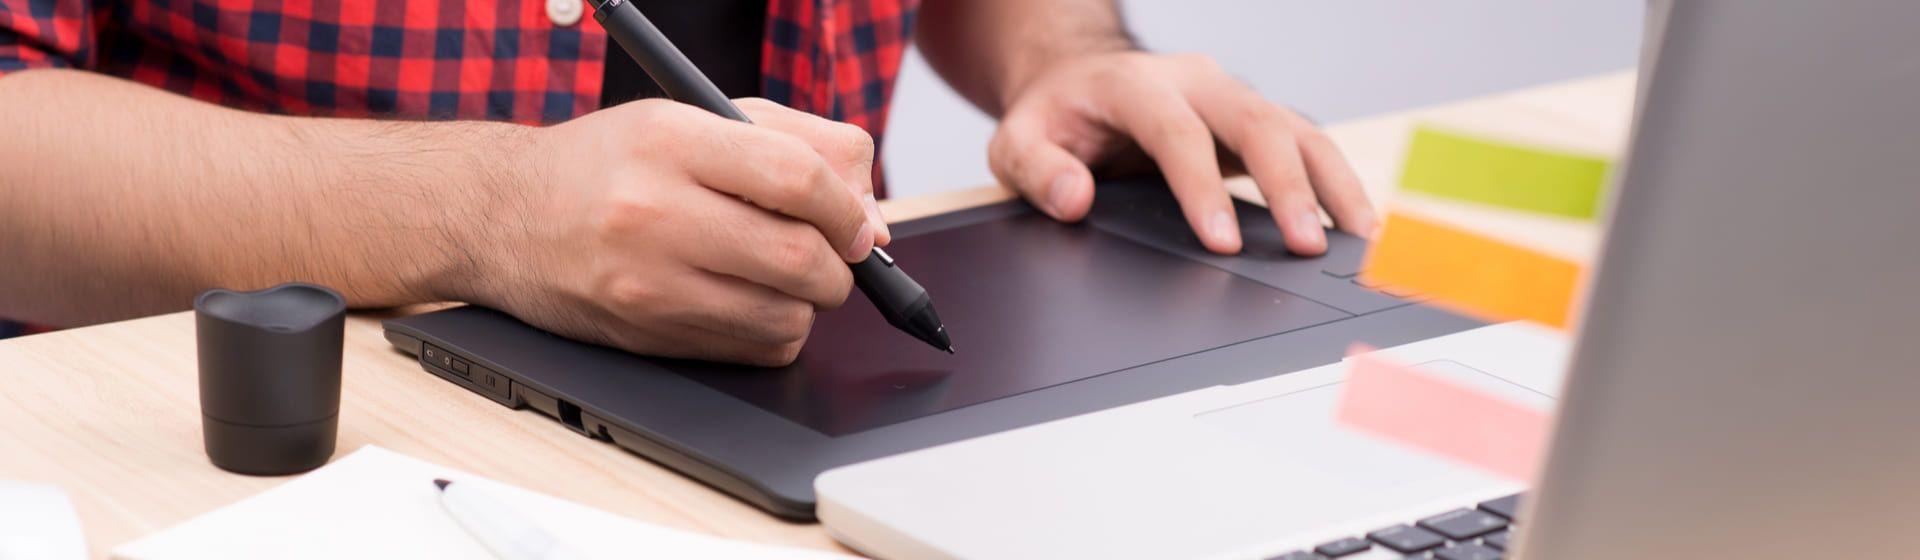 Melhor mesa digitalizadora Wacom em 2021: 5 modelos para comprar